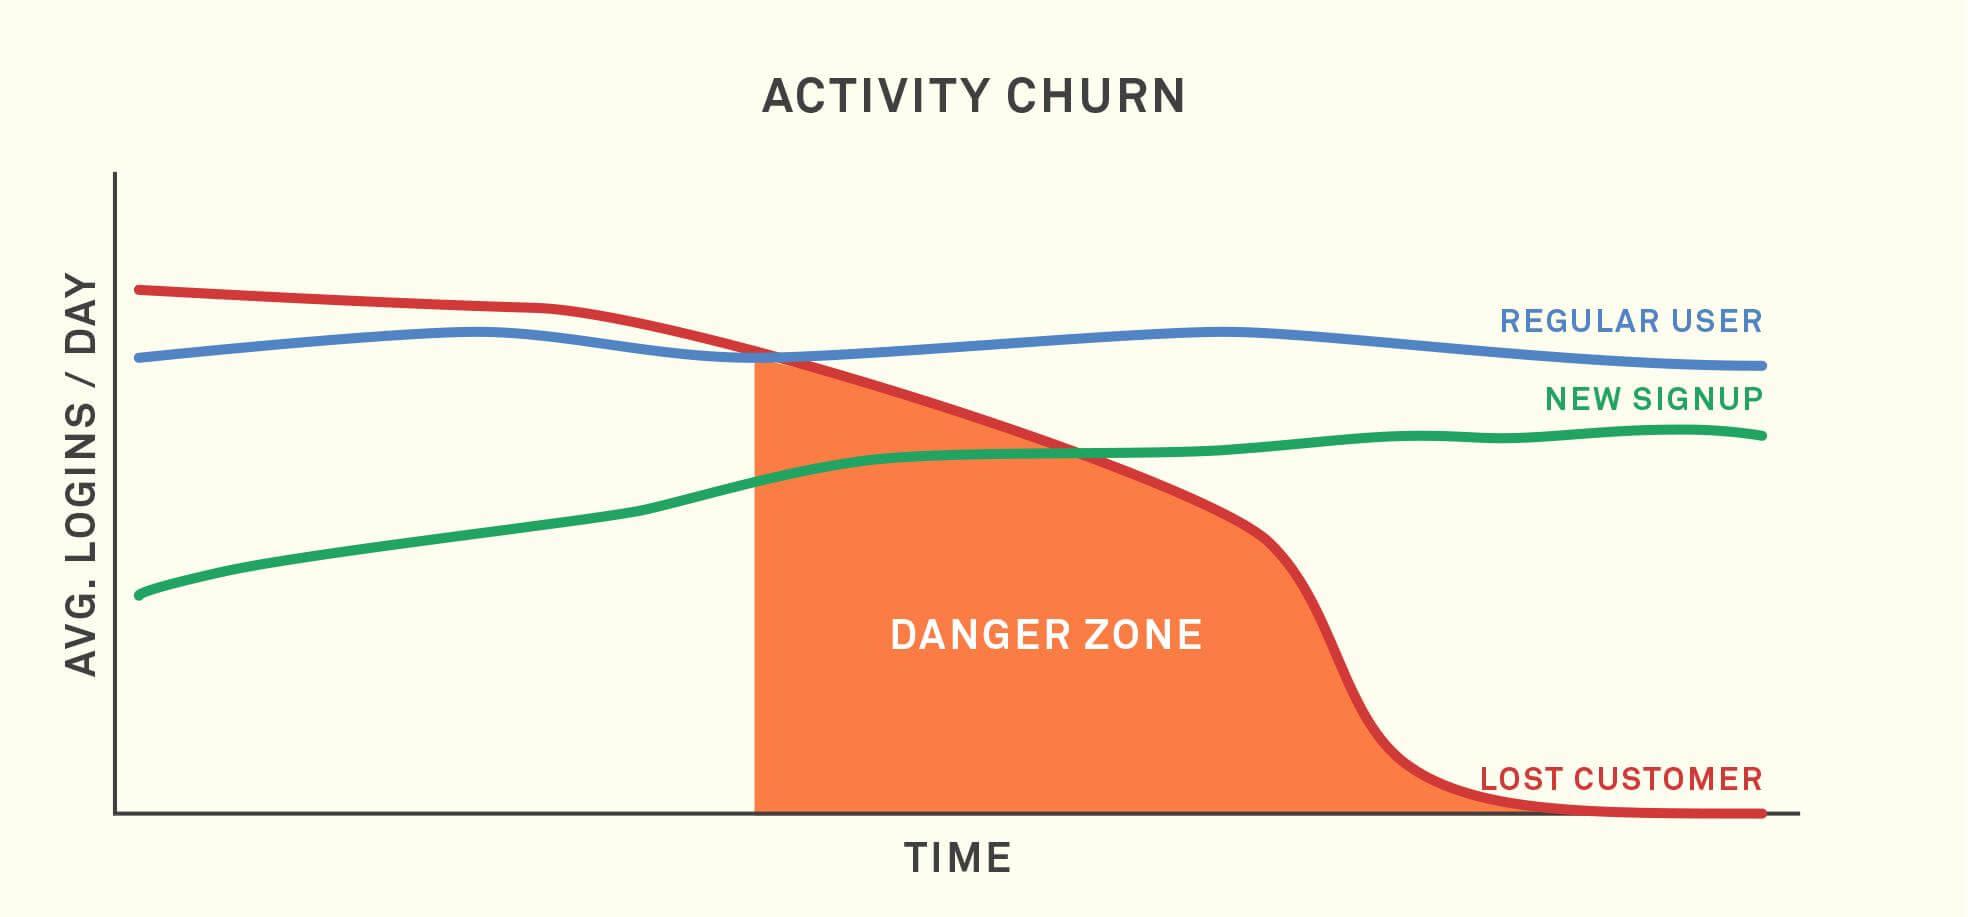 activity churn dormant customers